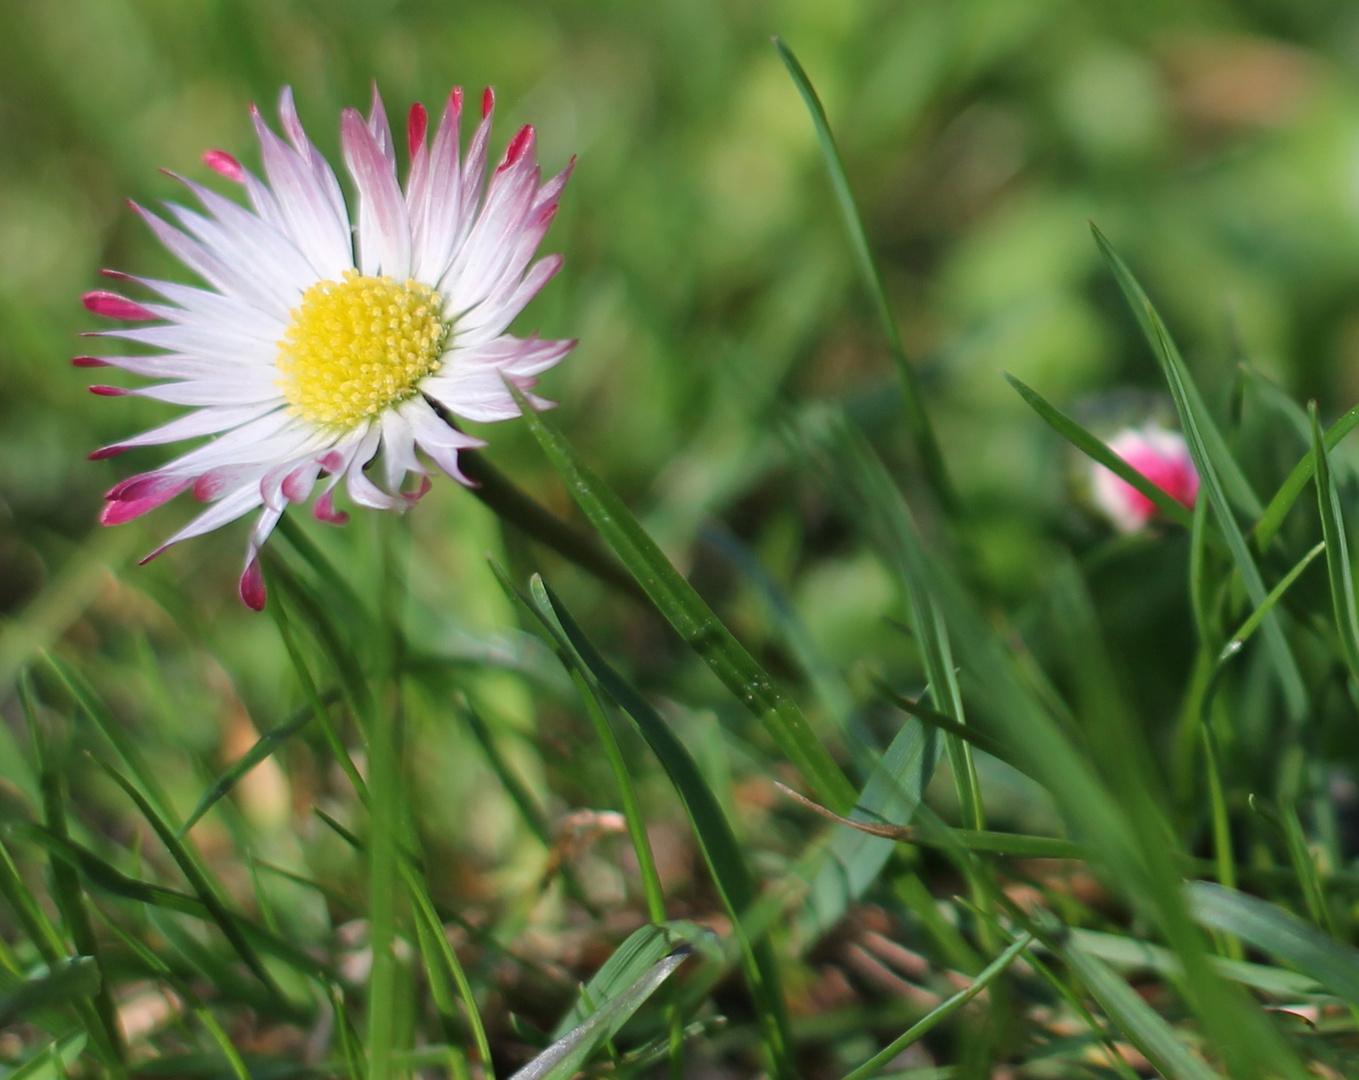 Gänseblümchen im Gras